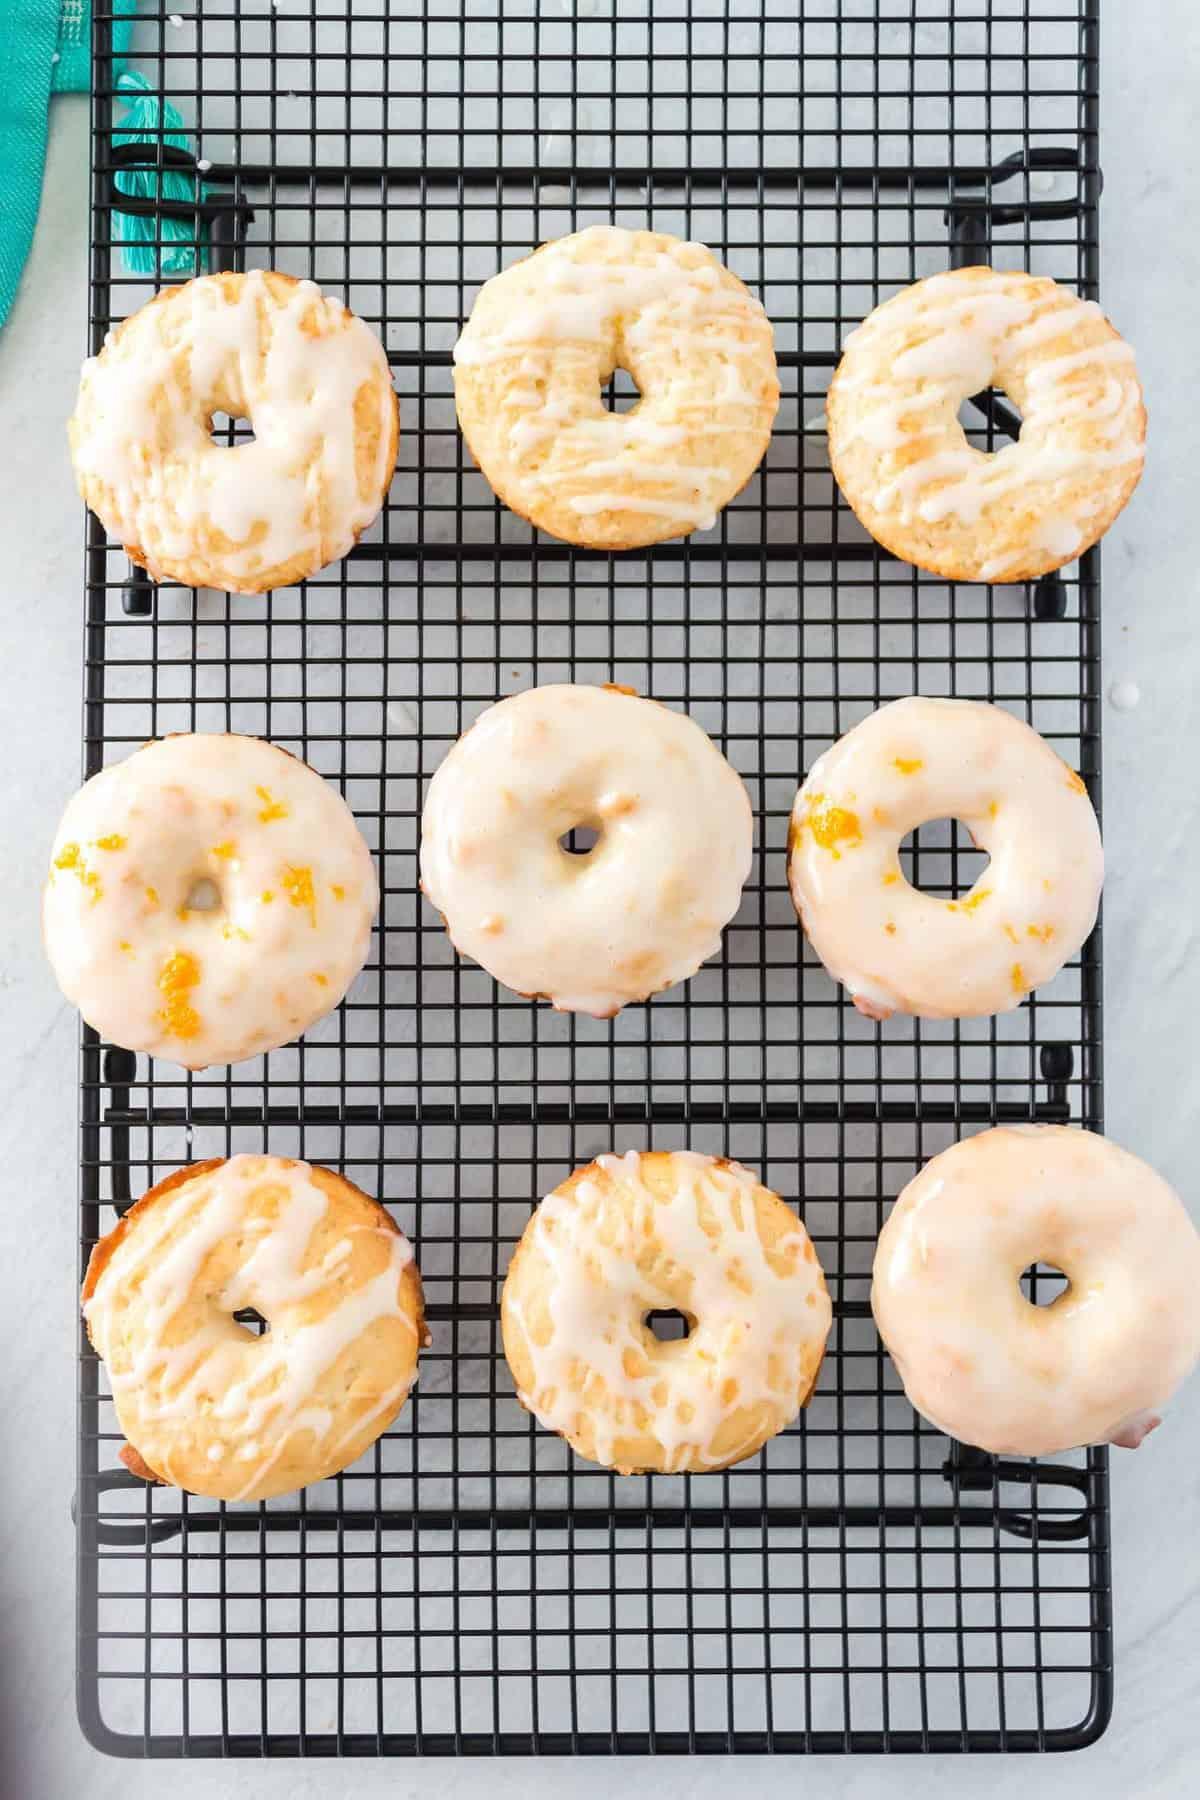 Glazed lemon donuts on a cooling rack.